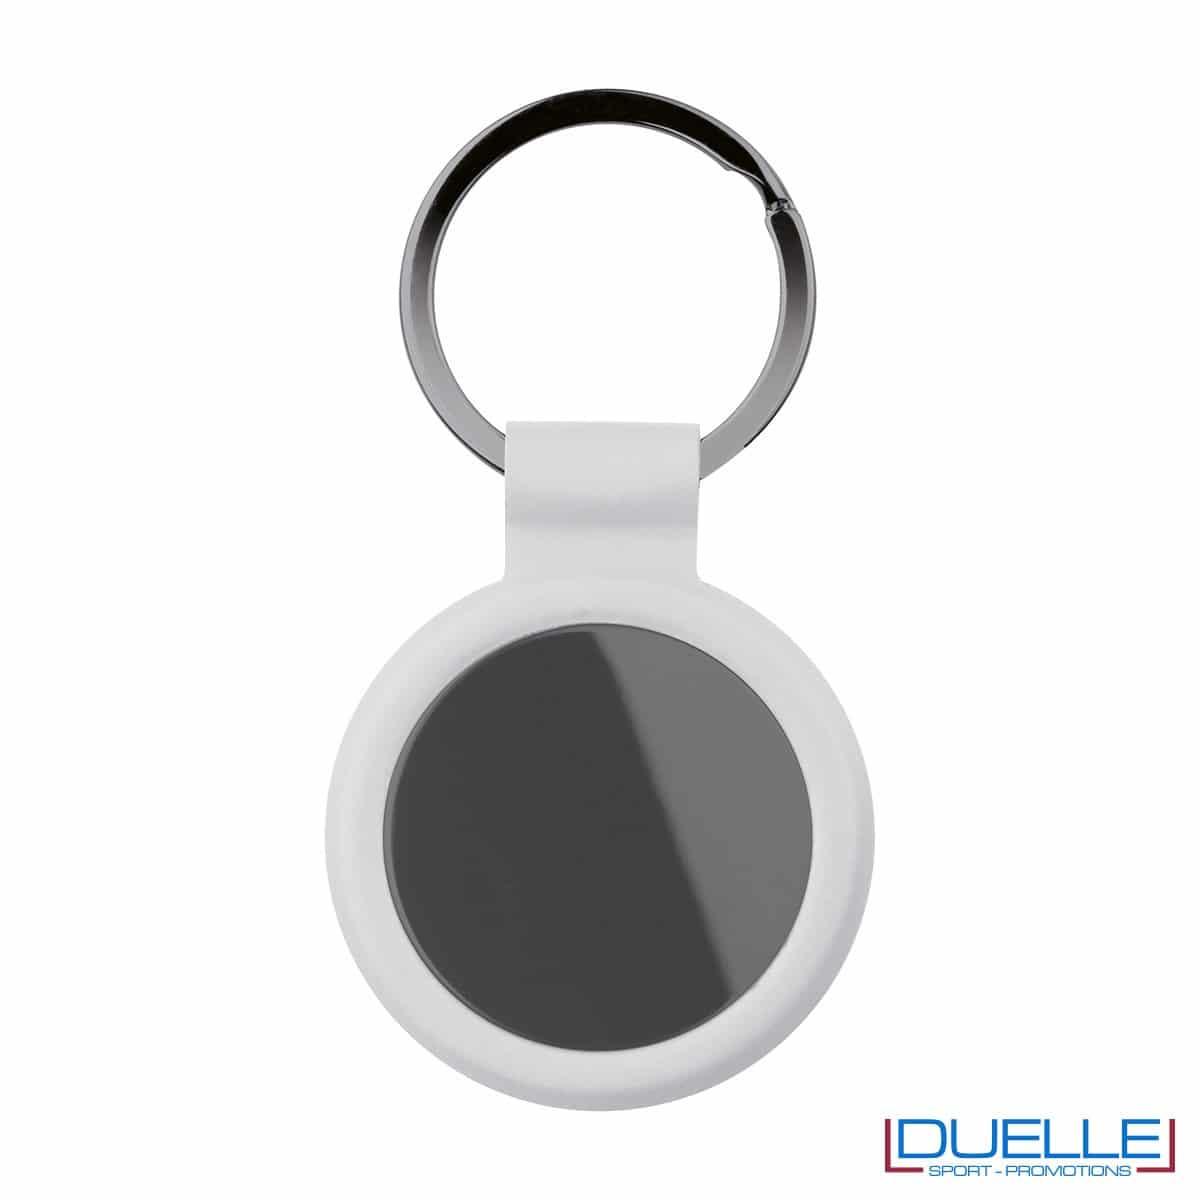 portachiavi personalizzato circolare in metallo gun metal con profilo bianco